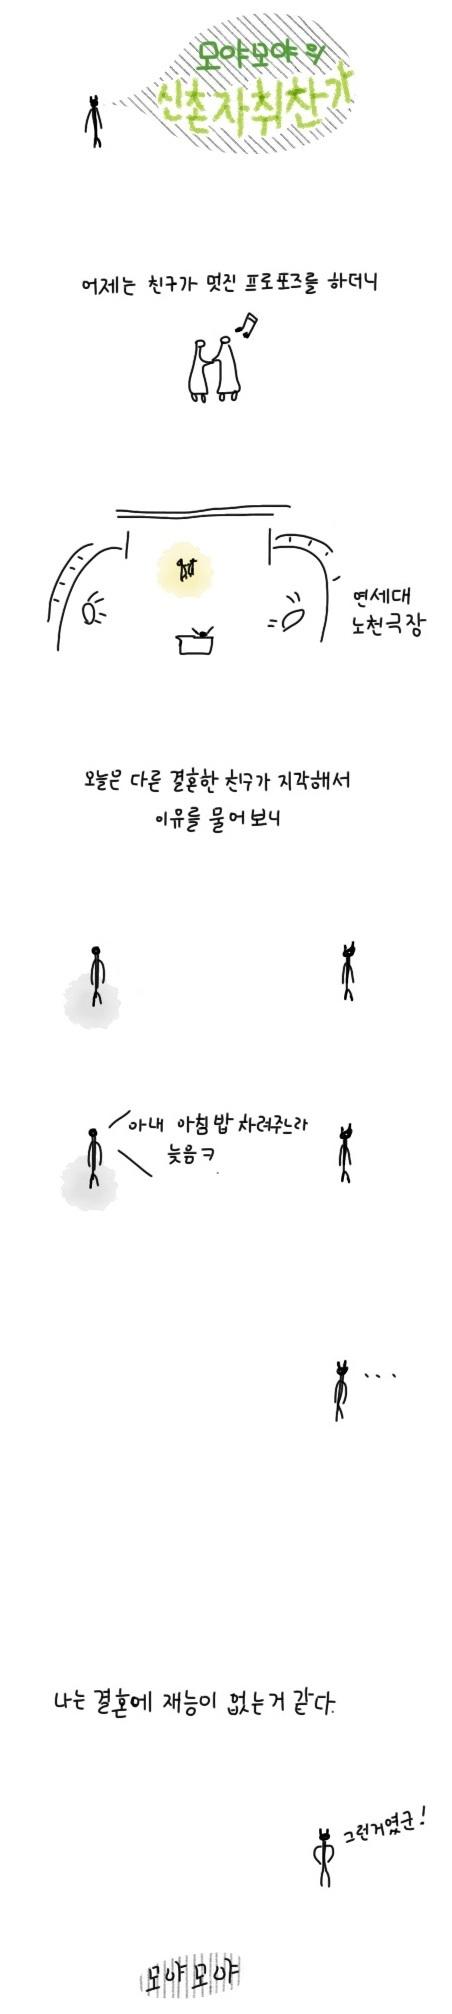 신촌자취찬가 03